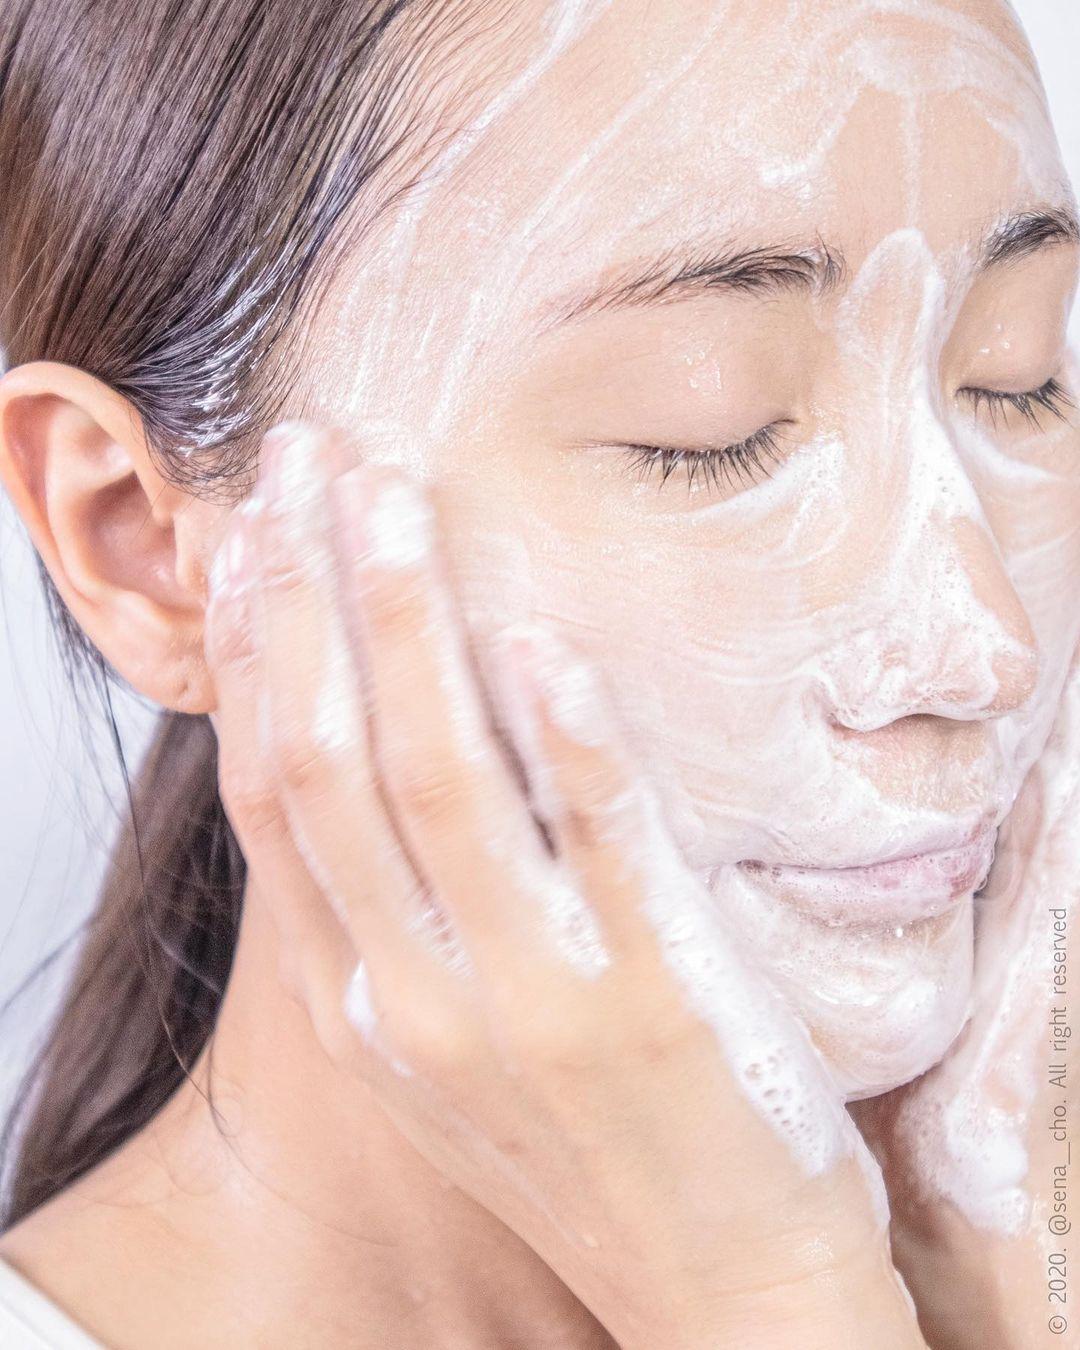 Áp dụng 4 tips này khi rửa mặt, đến Tết, da sẽ mịn căng, lỗ chân lông cũng nhỏ mịn hẳn - Hình 1